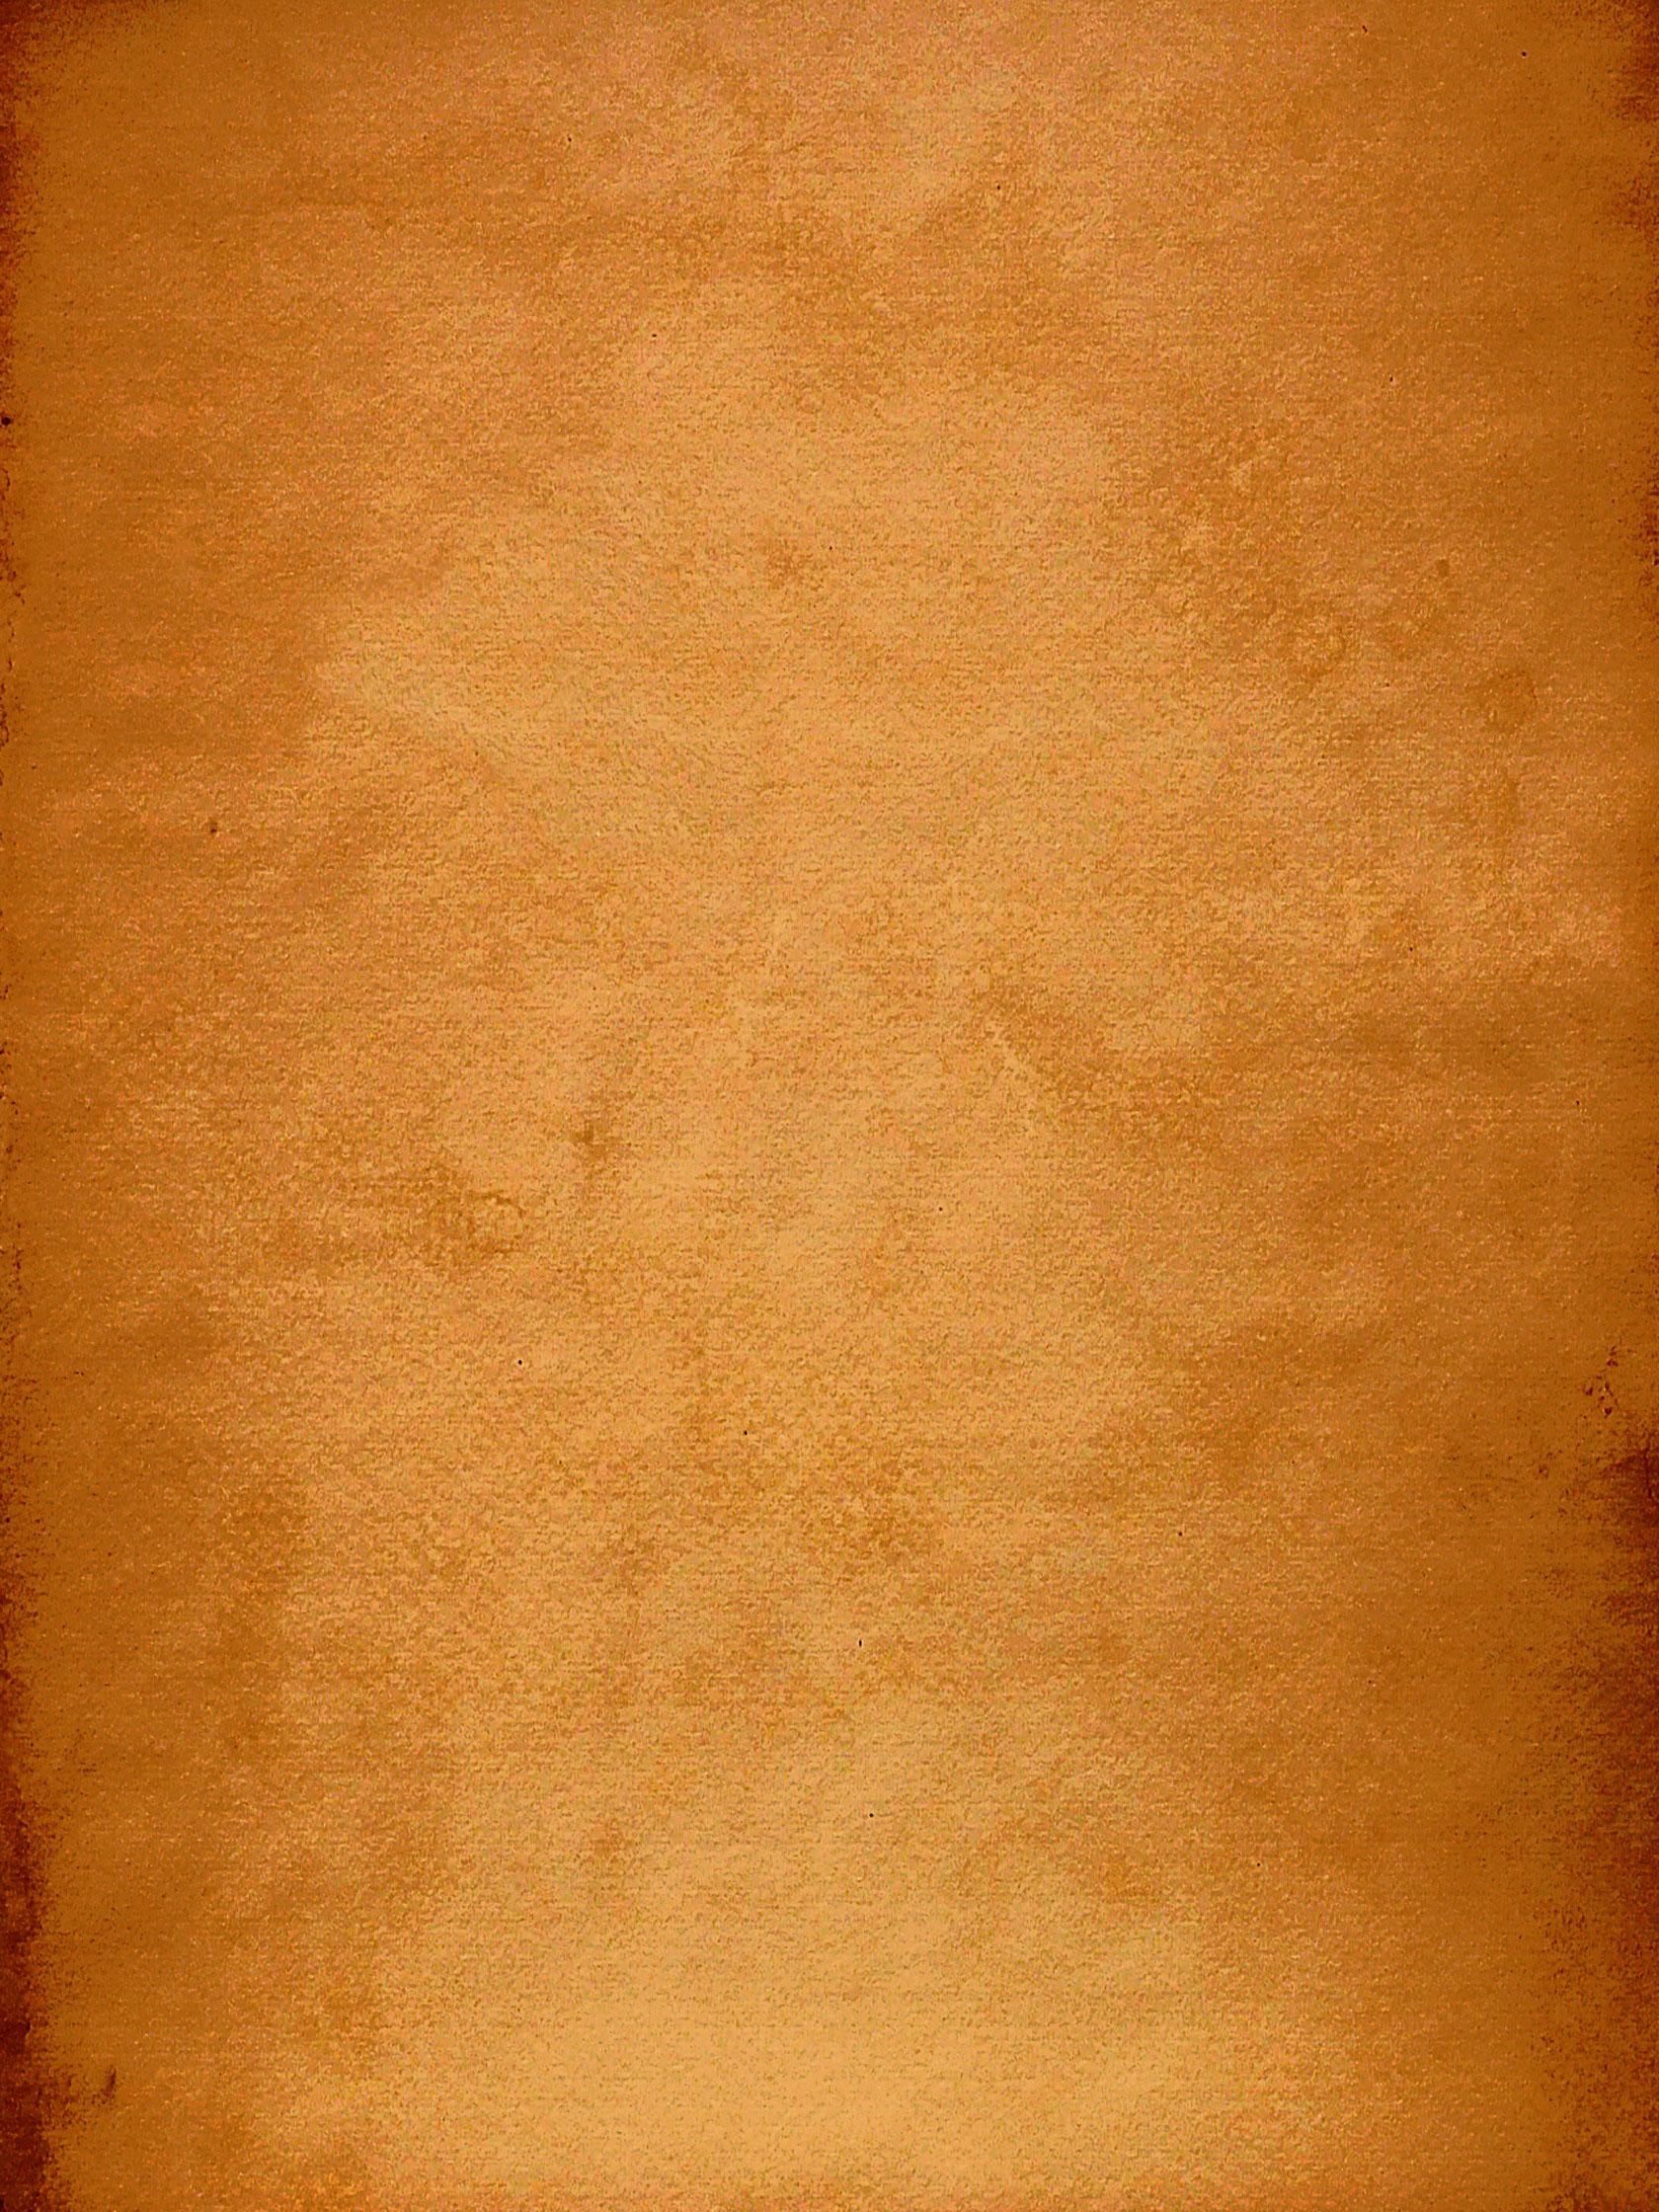 Старые письма 187 Антиквариат Oldtimewallpapers Com Под